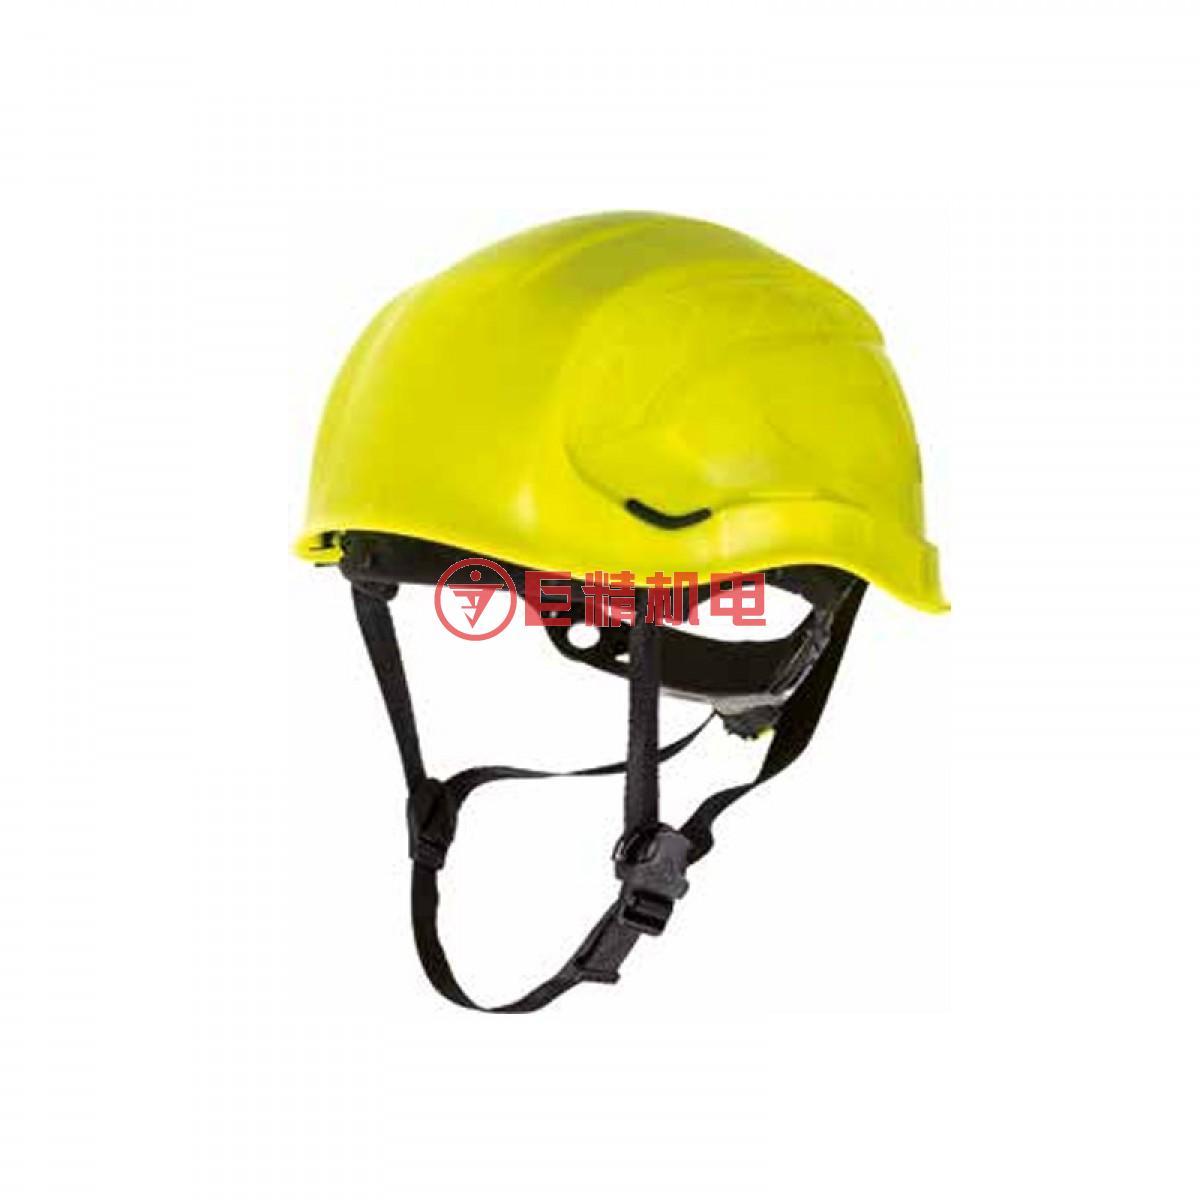 代尔塔密封型运动头盔102201